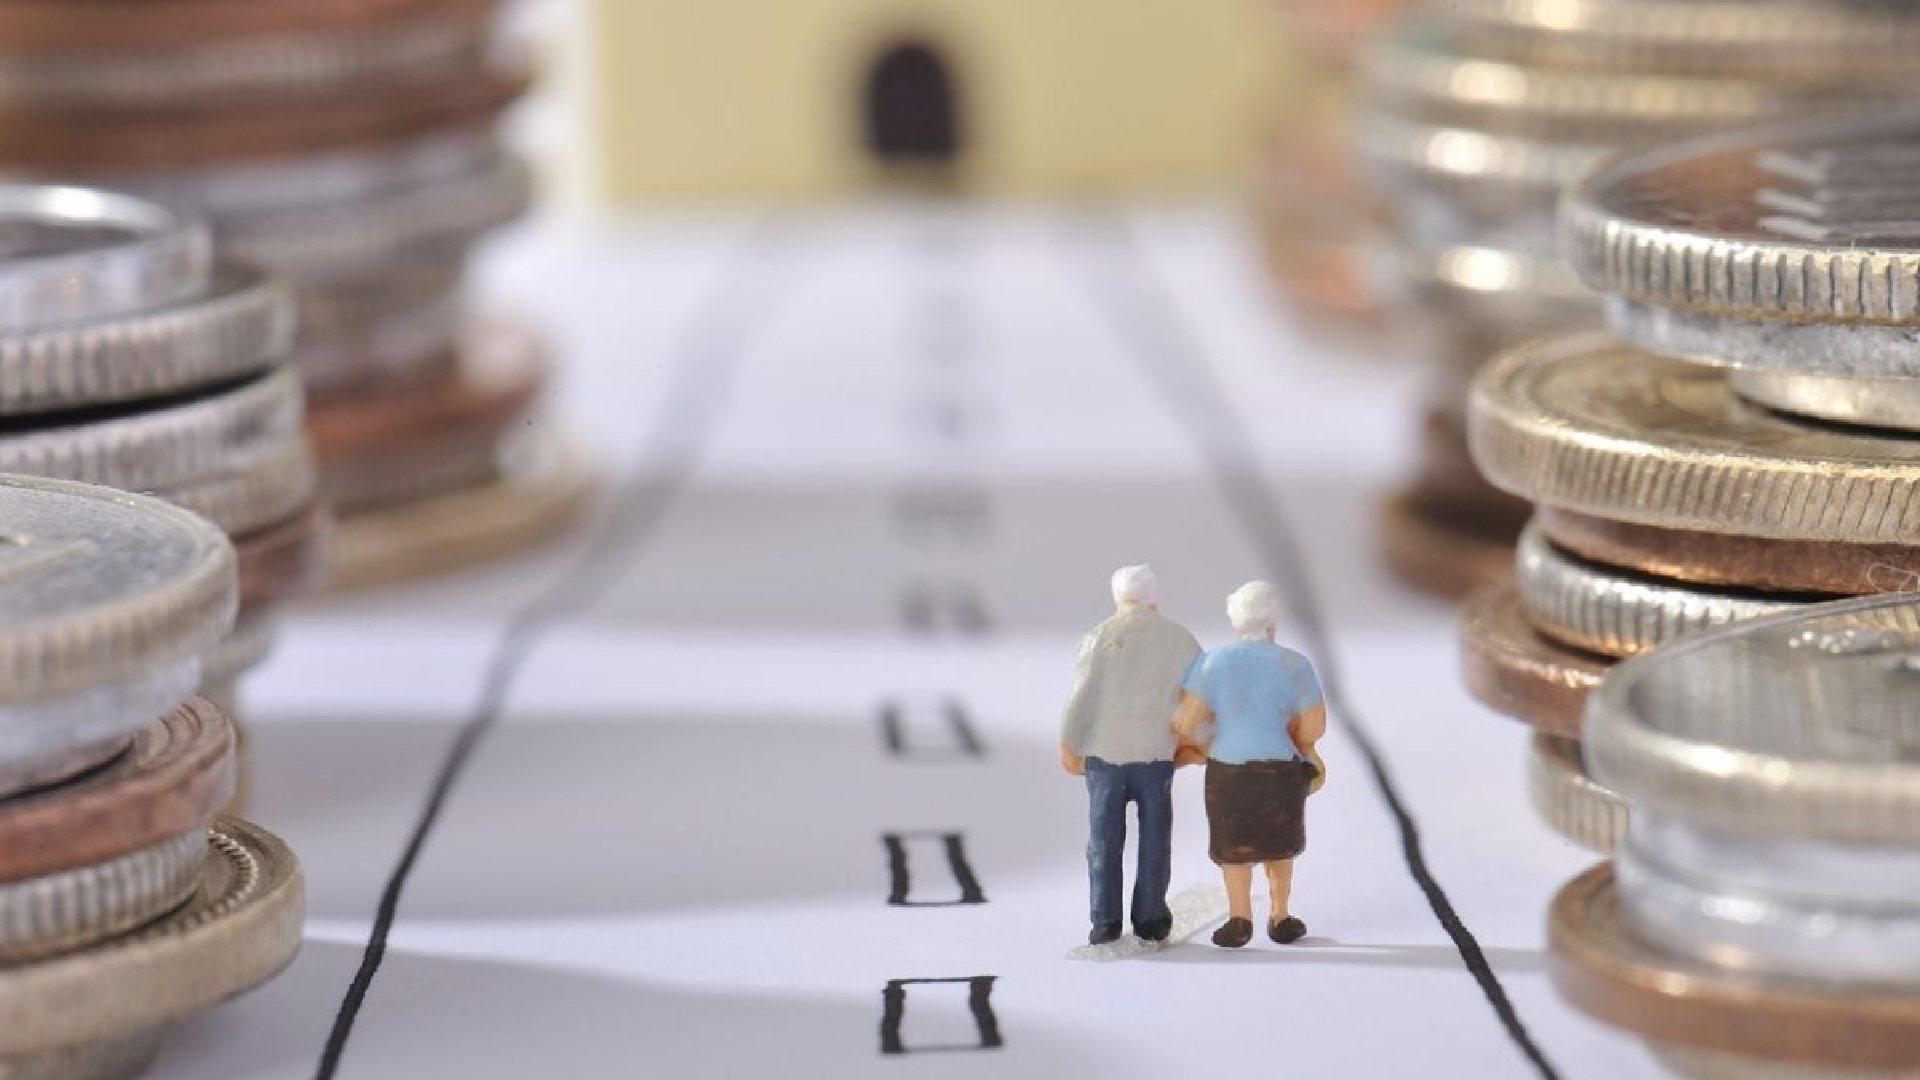 Estos son los cinco tipos de pensiones que otorga el IMSS a sus afiliados - Infobae